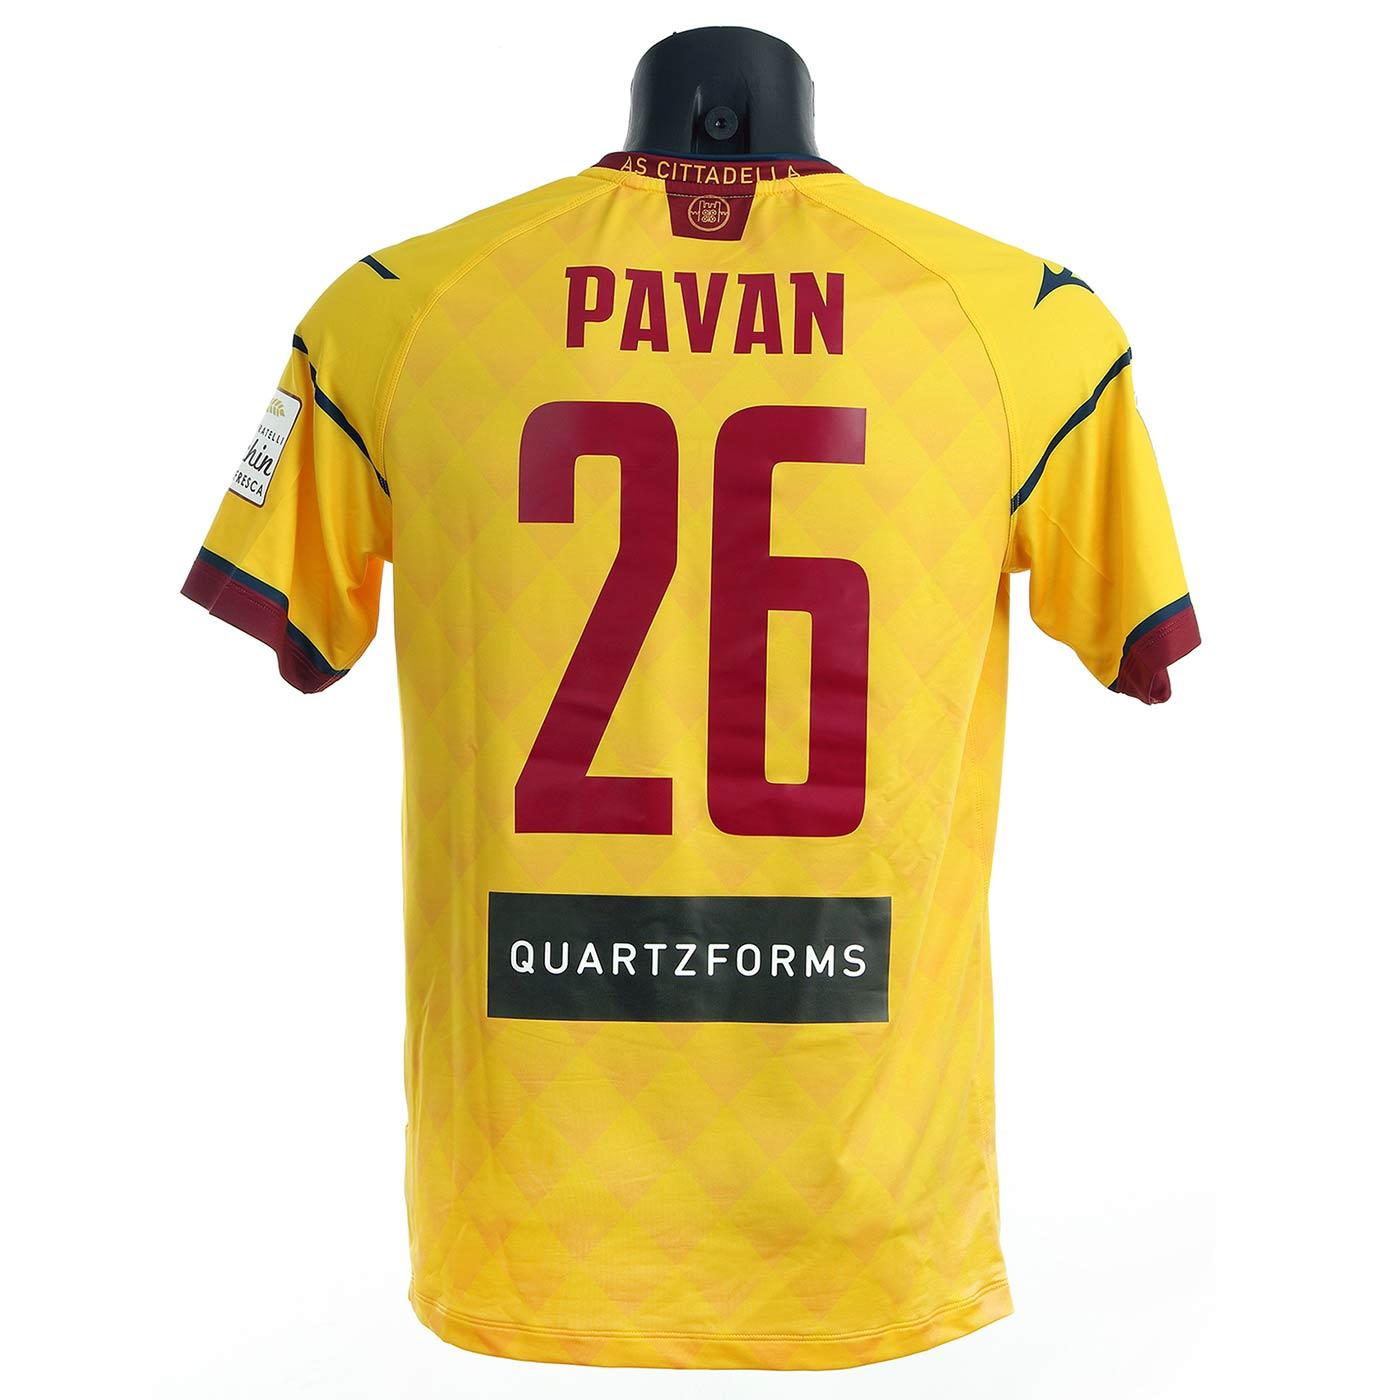 Seconda maglia Cittadella gialla 2021-2022 Pavan